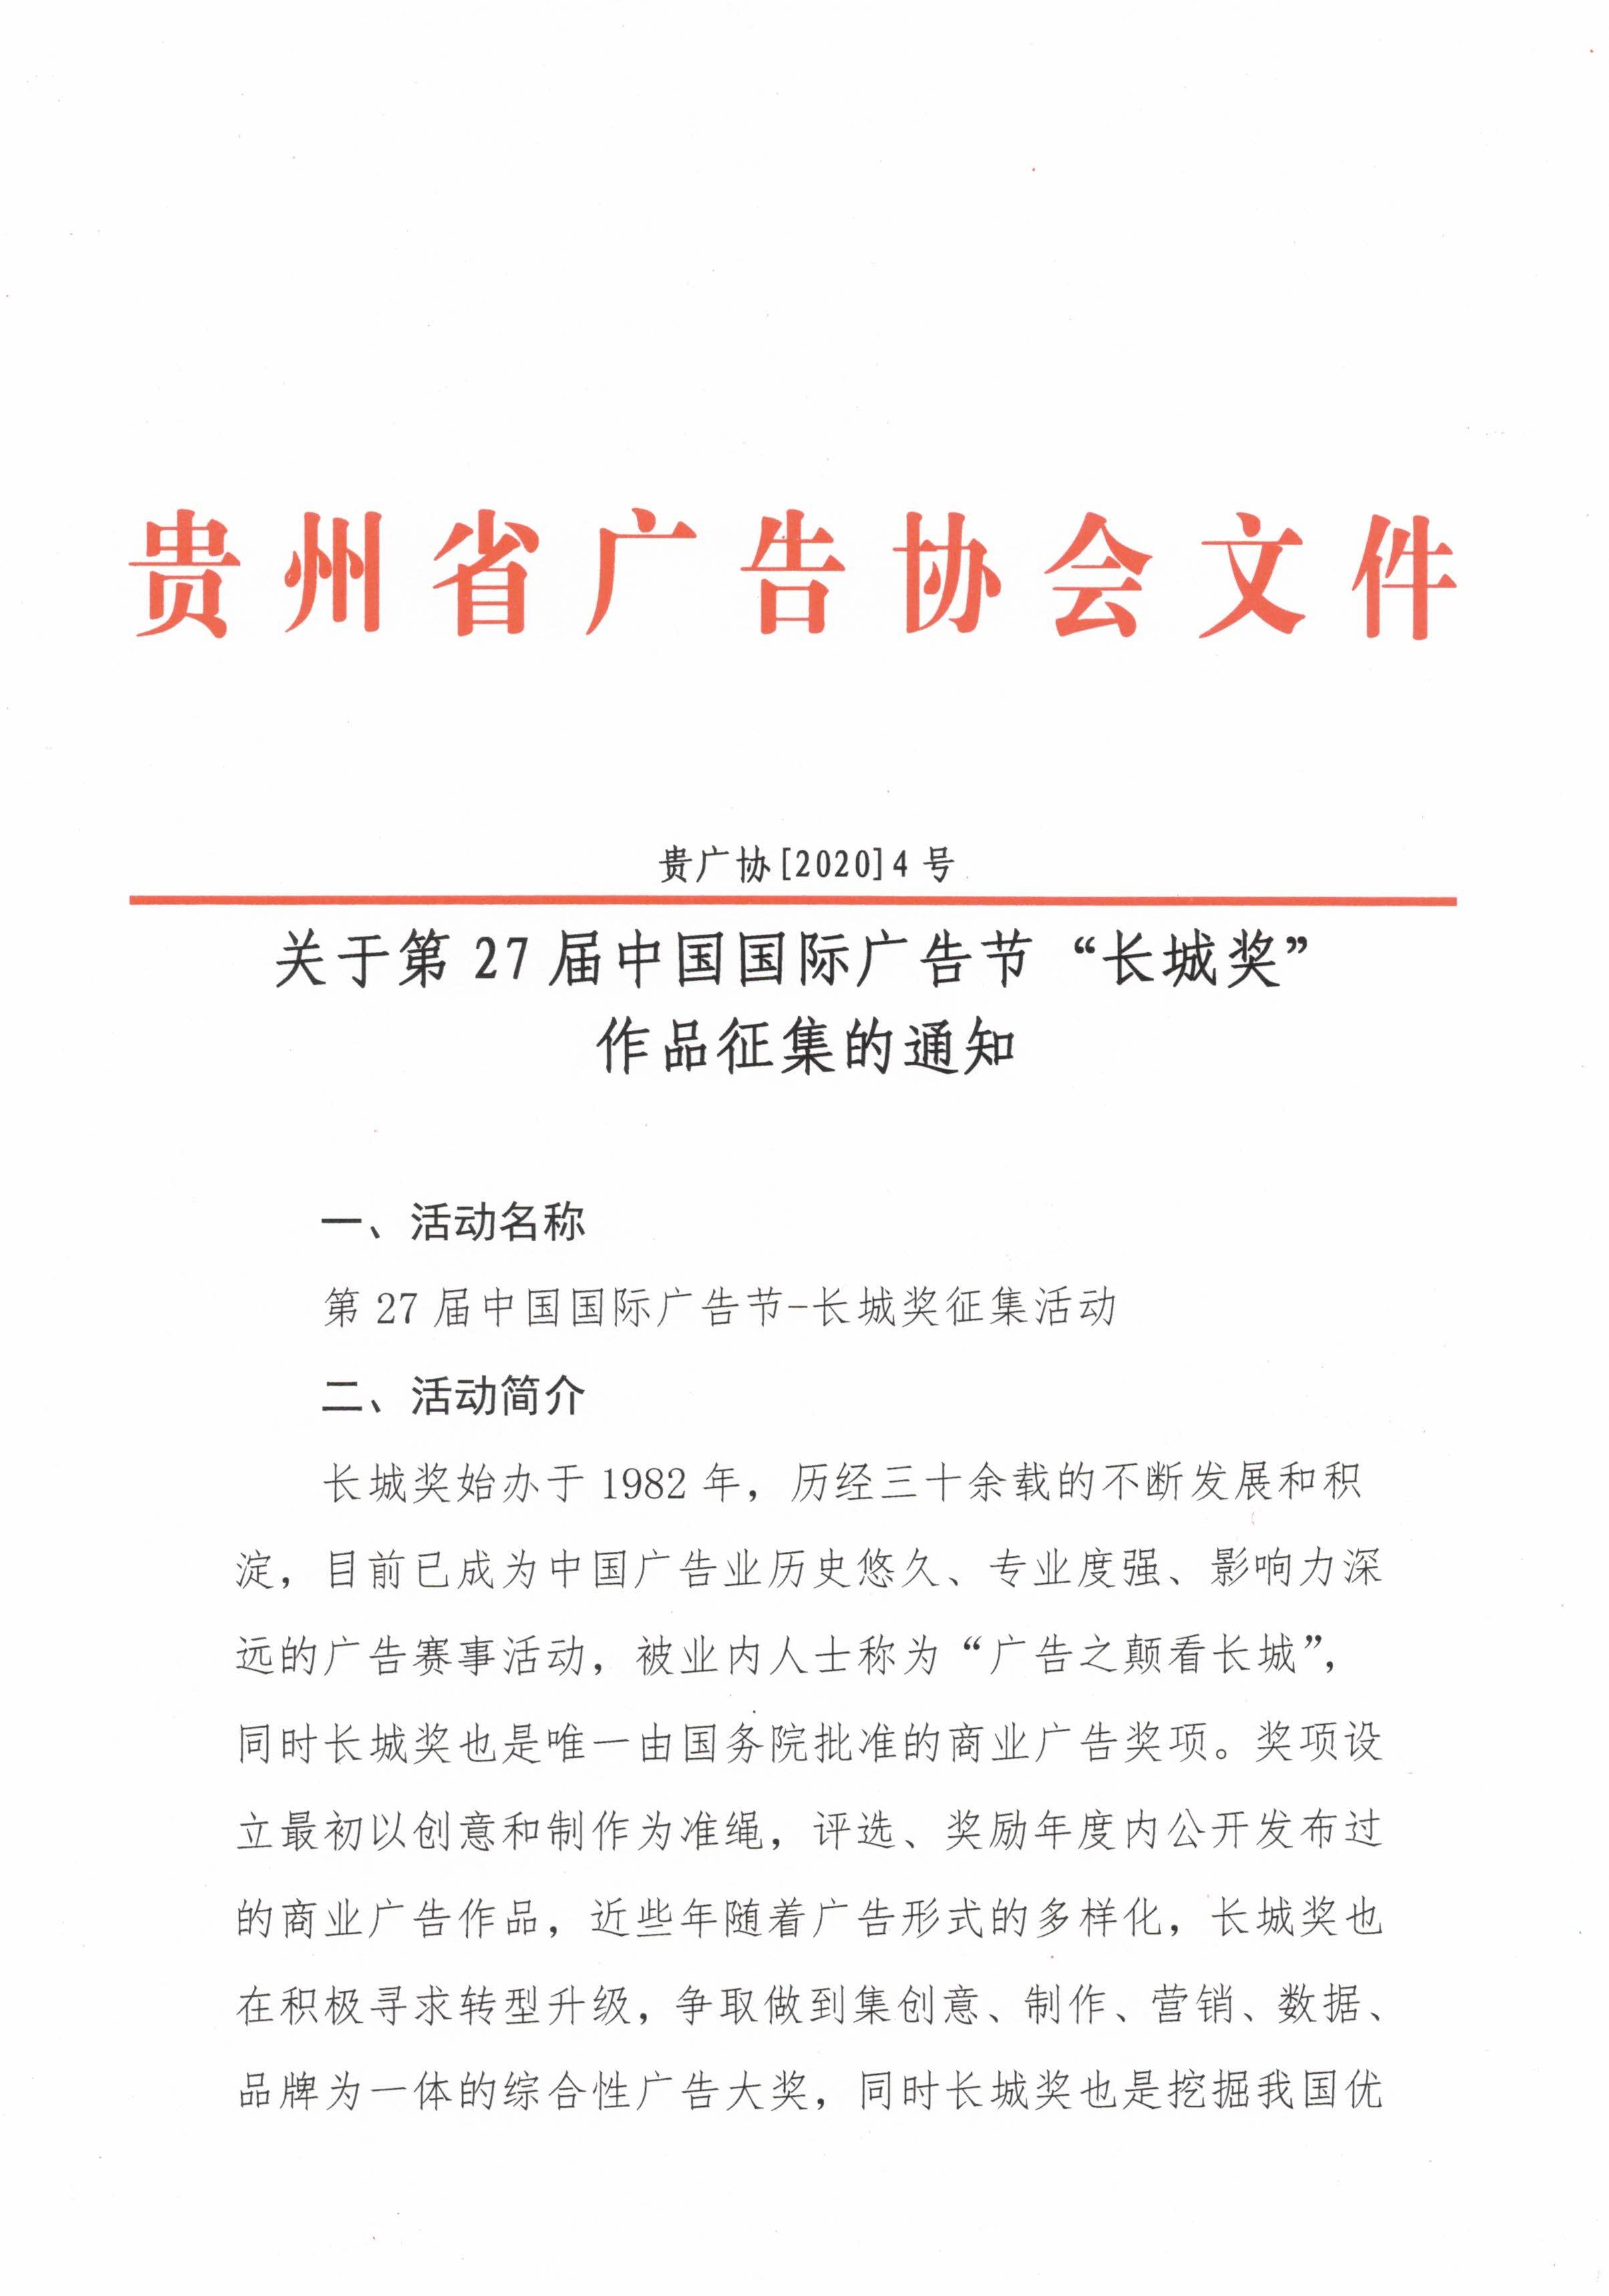 """关于第27届中国国际万博maxbet官网下载节""""长城奖""""作品征集的通知_000045.jpg"""